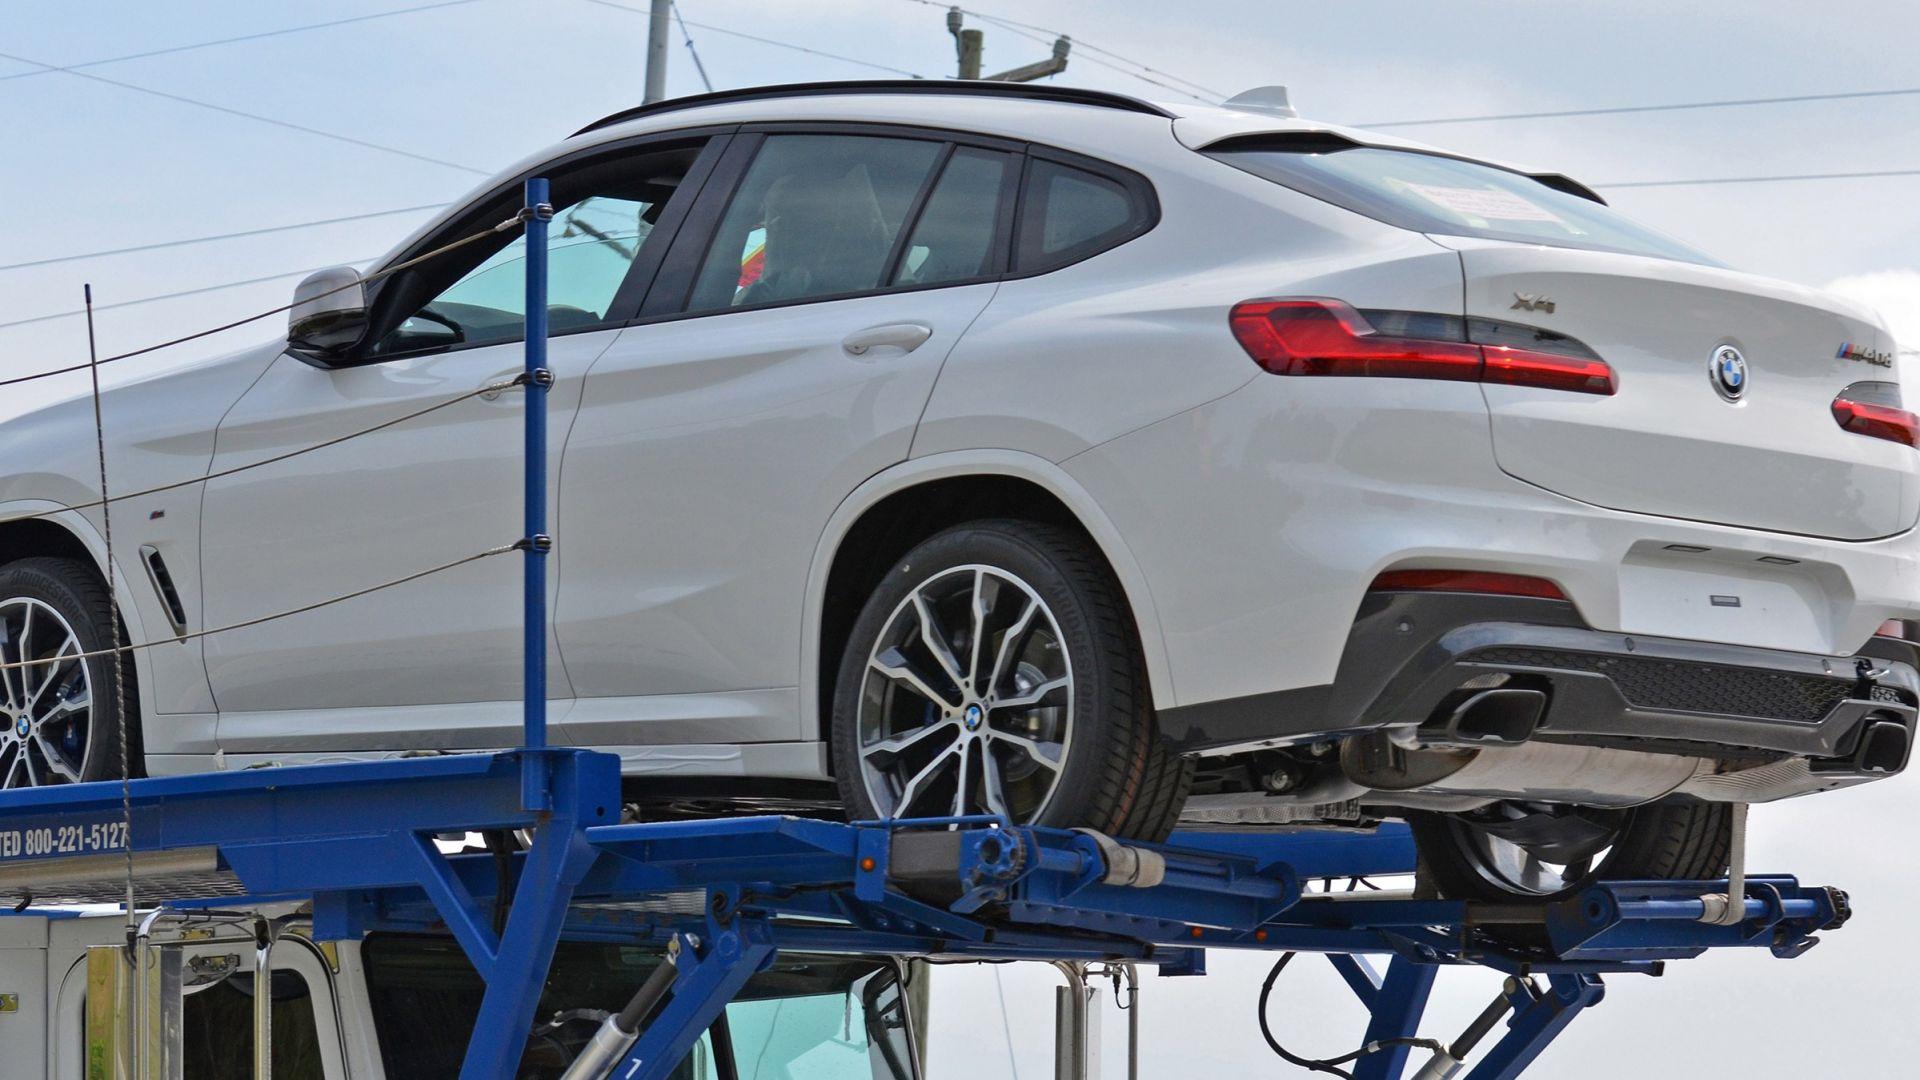 Nuova BMW X4 2018: come cambia, quando esce - MotorBox